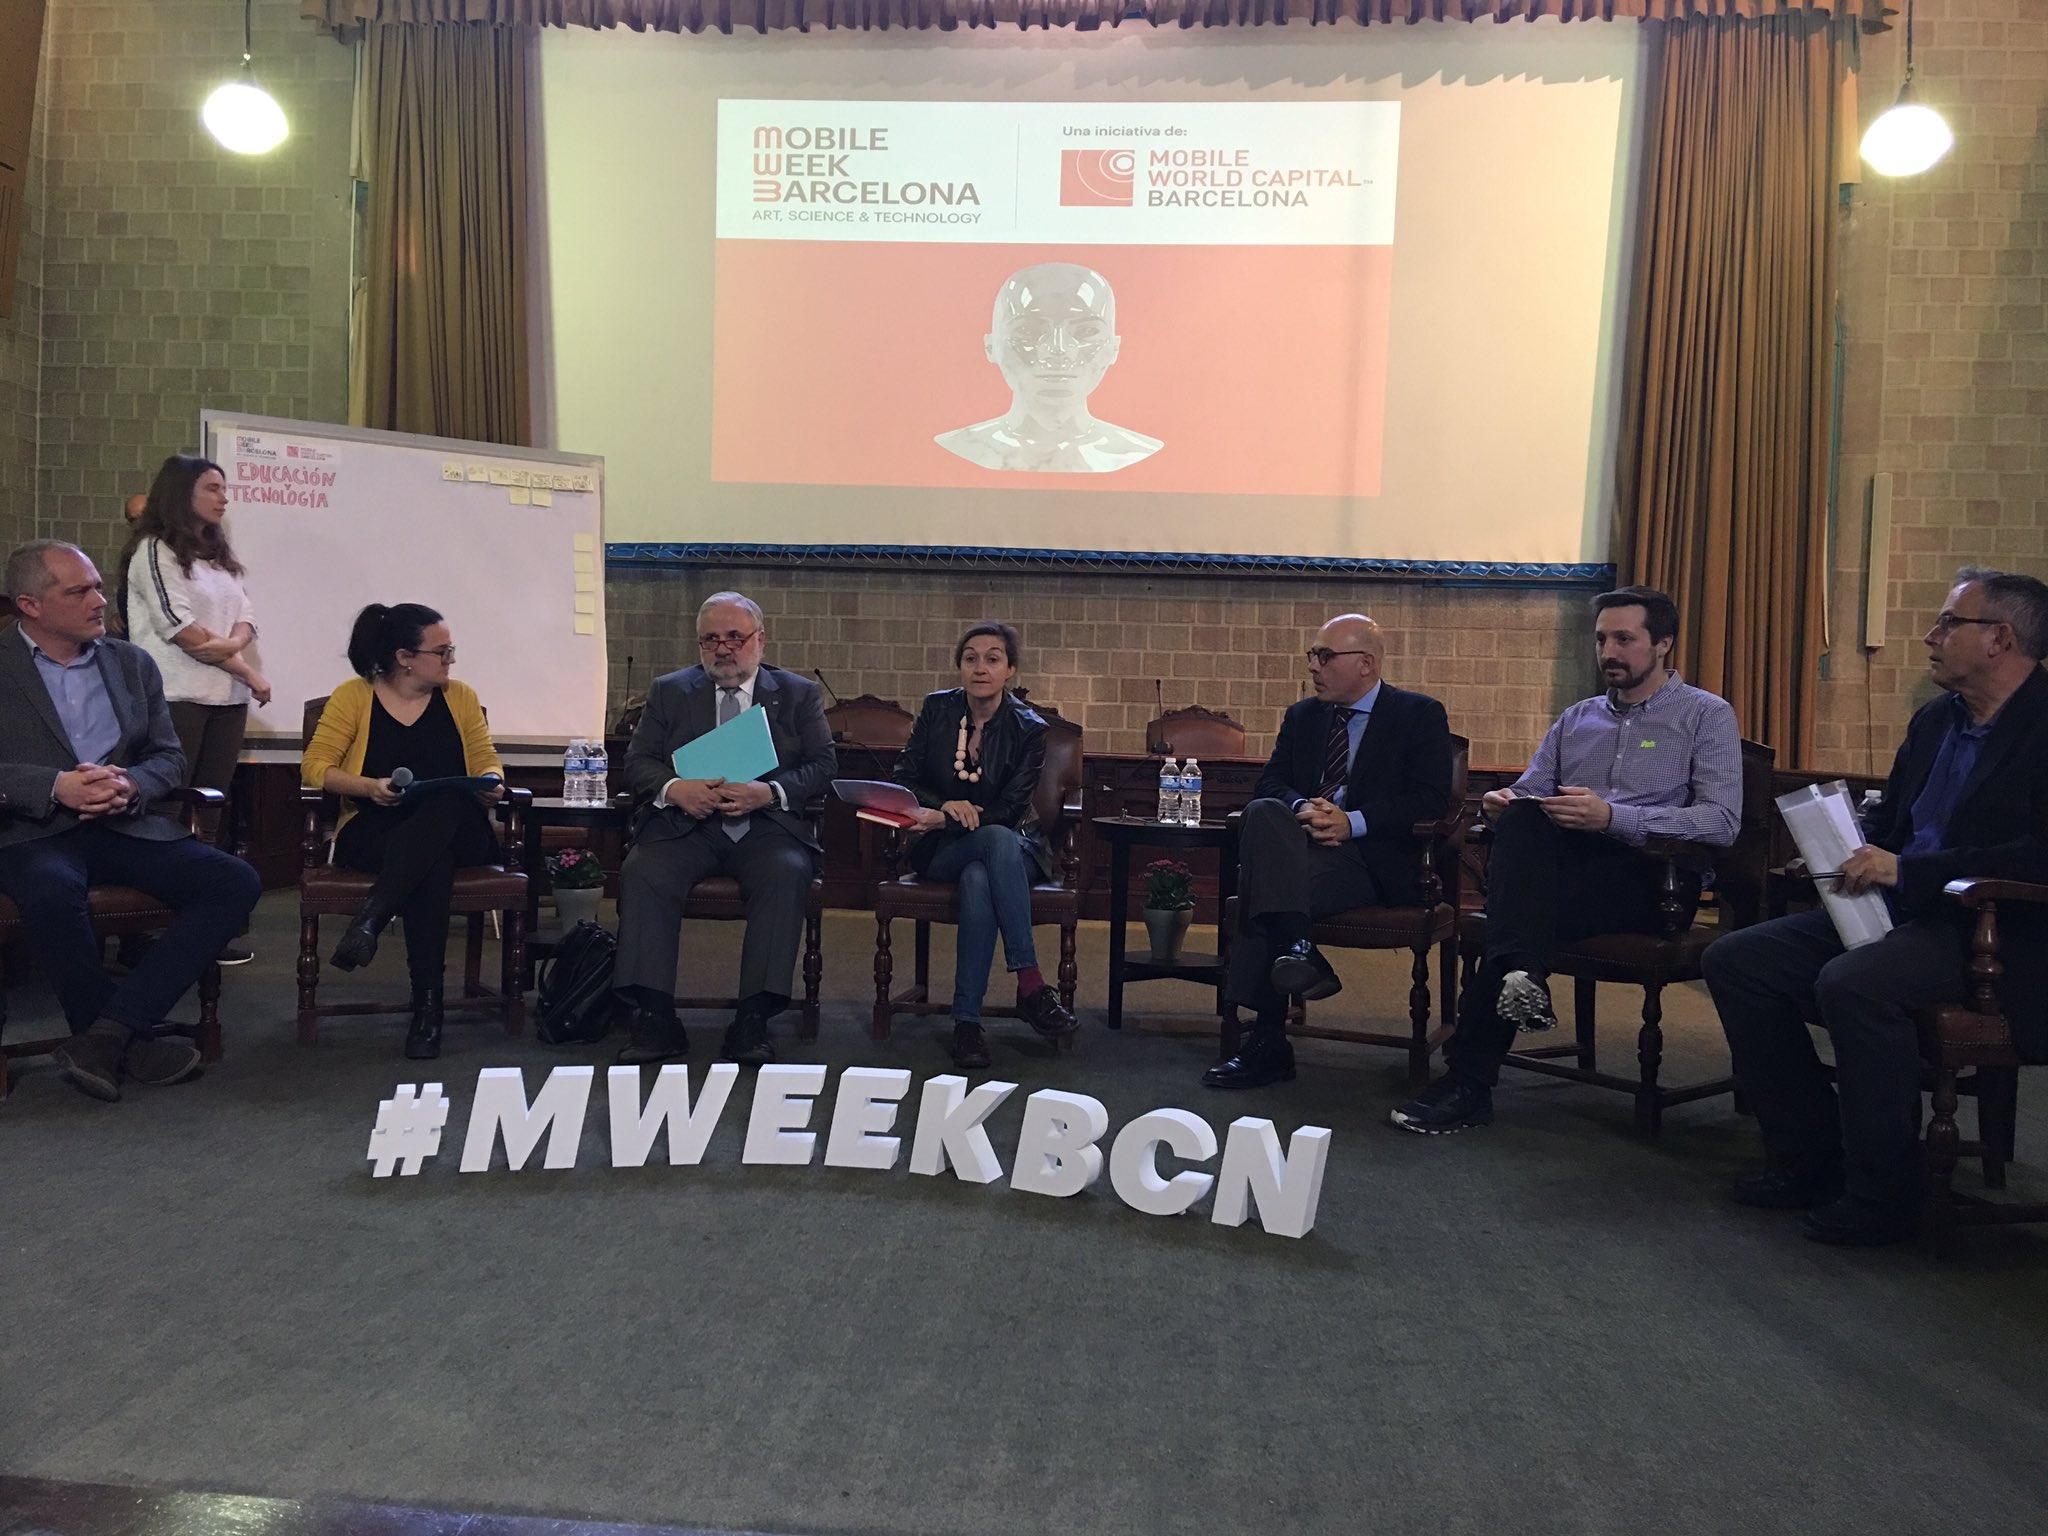 Thumbnail for Mobile Week Barcelona: Educació i Tecnologia